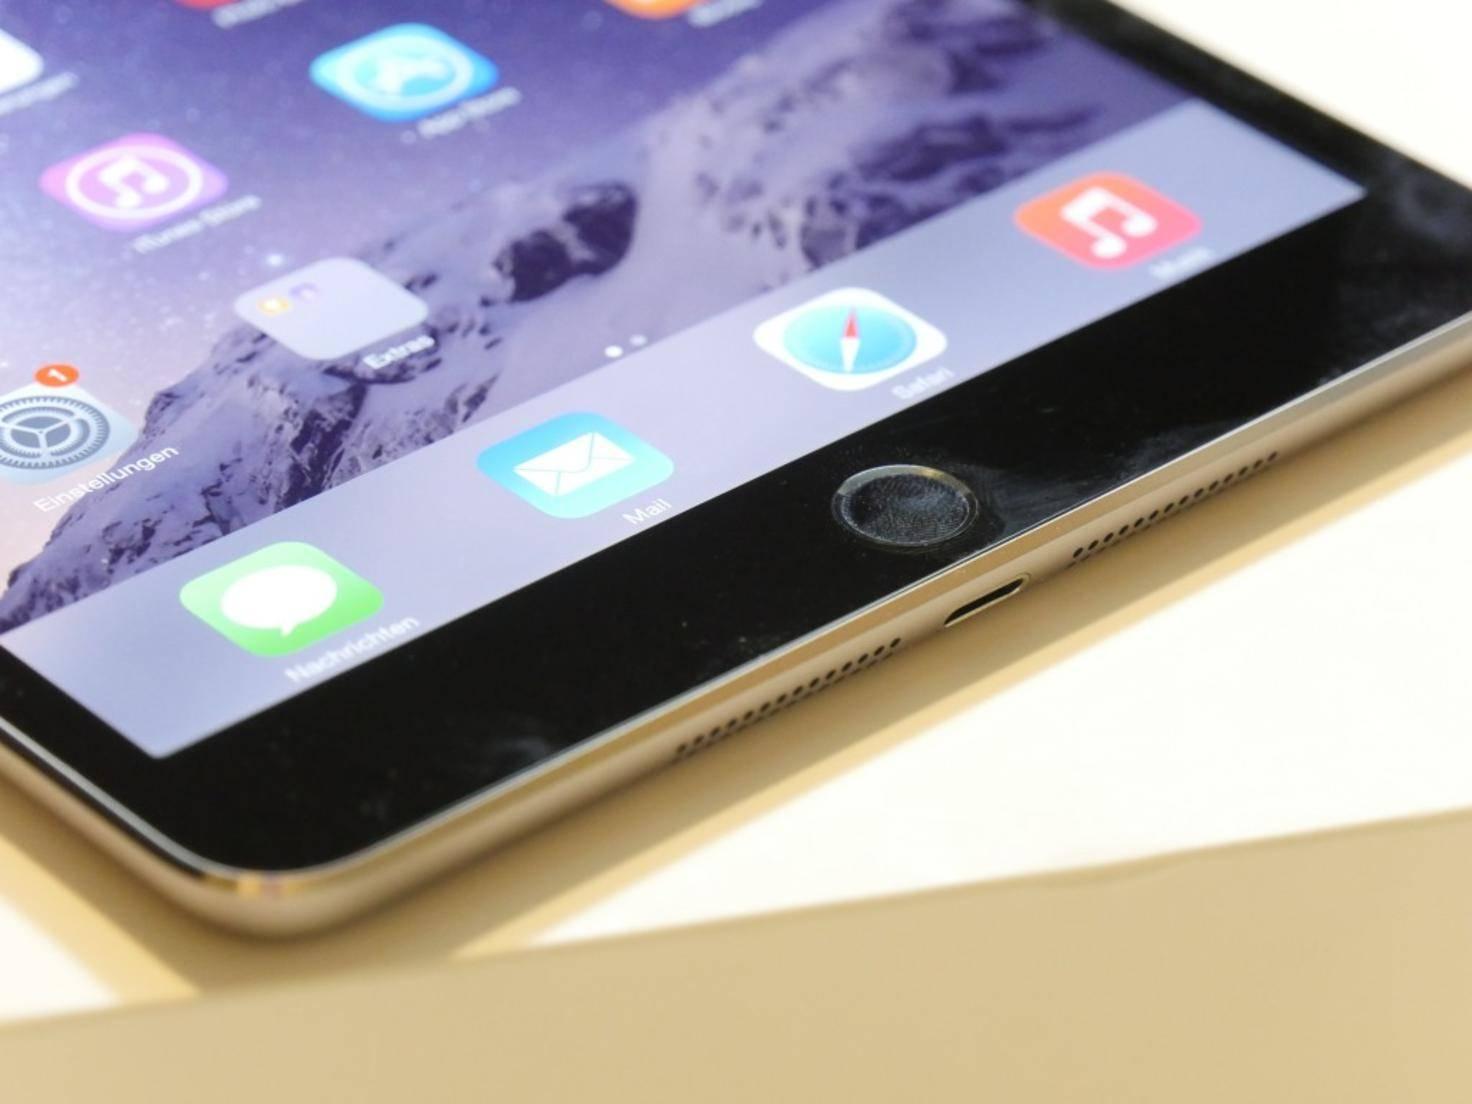 Wichtigste Neuerung gegenüber dem iPad mini 2 ist der Fingerabdrucksensor.